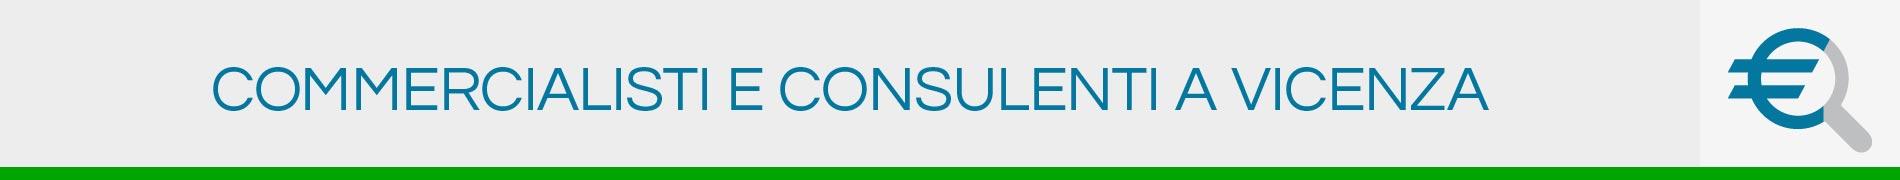 Commercialisti e Consulenti a Vicenza